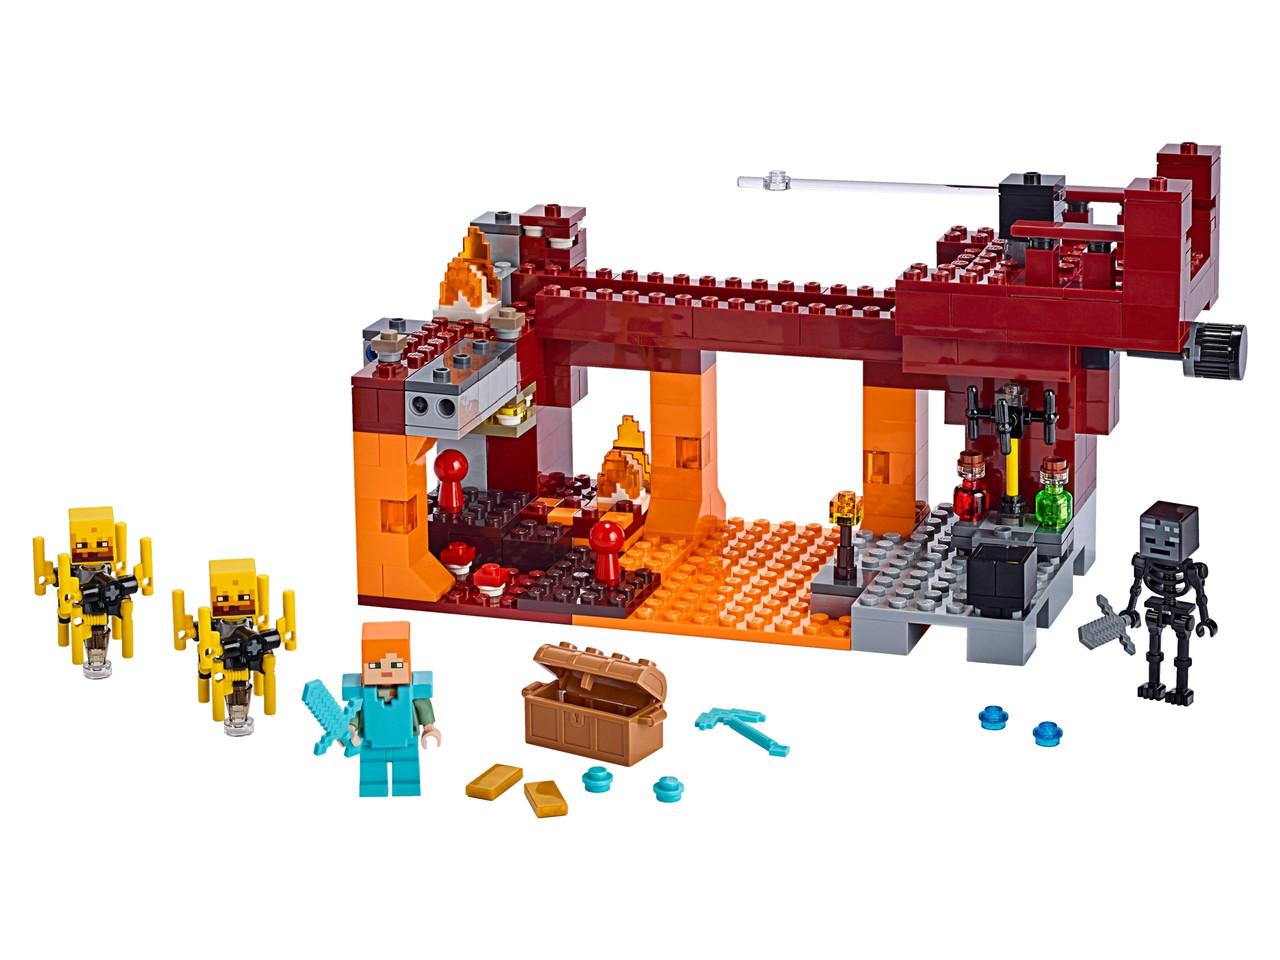 Конструктор LEGO Мост Ифритa 372 деталей (21154)